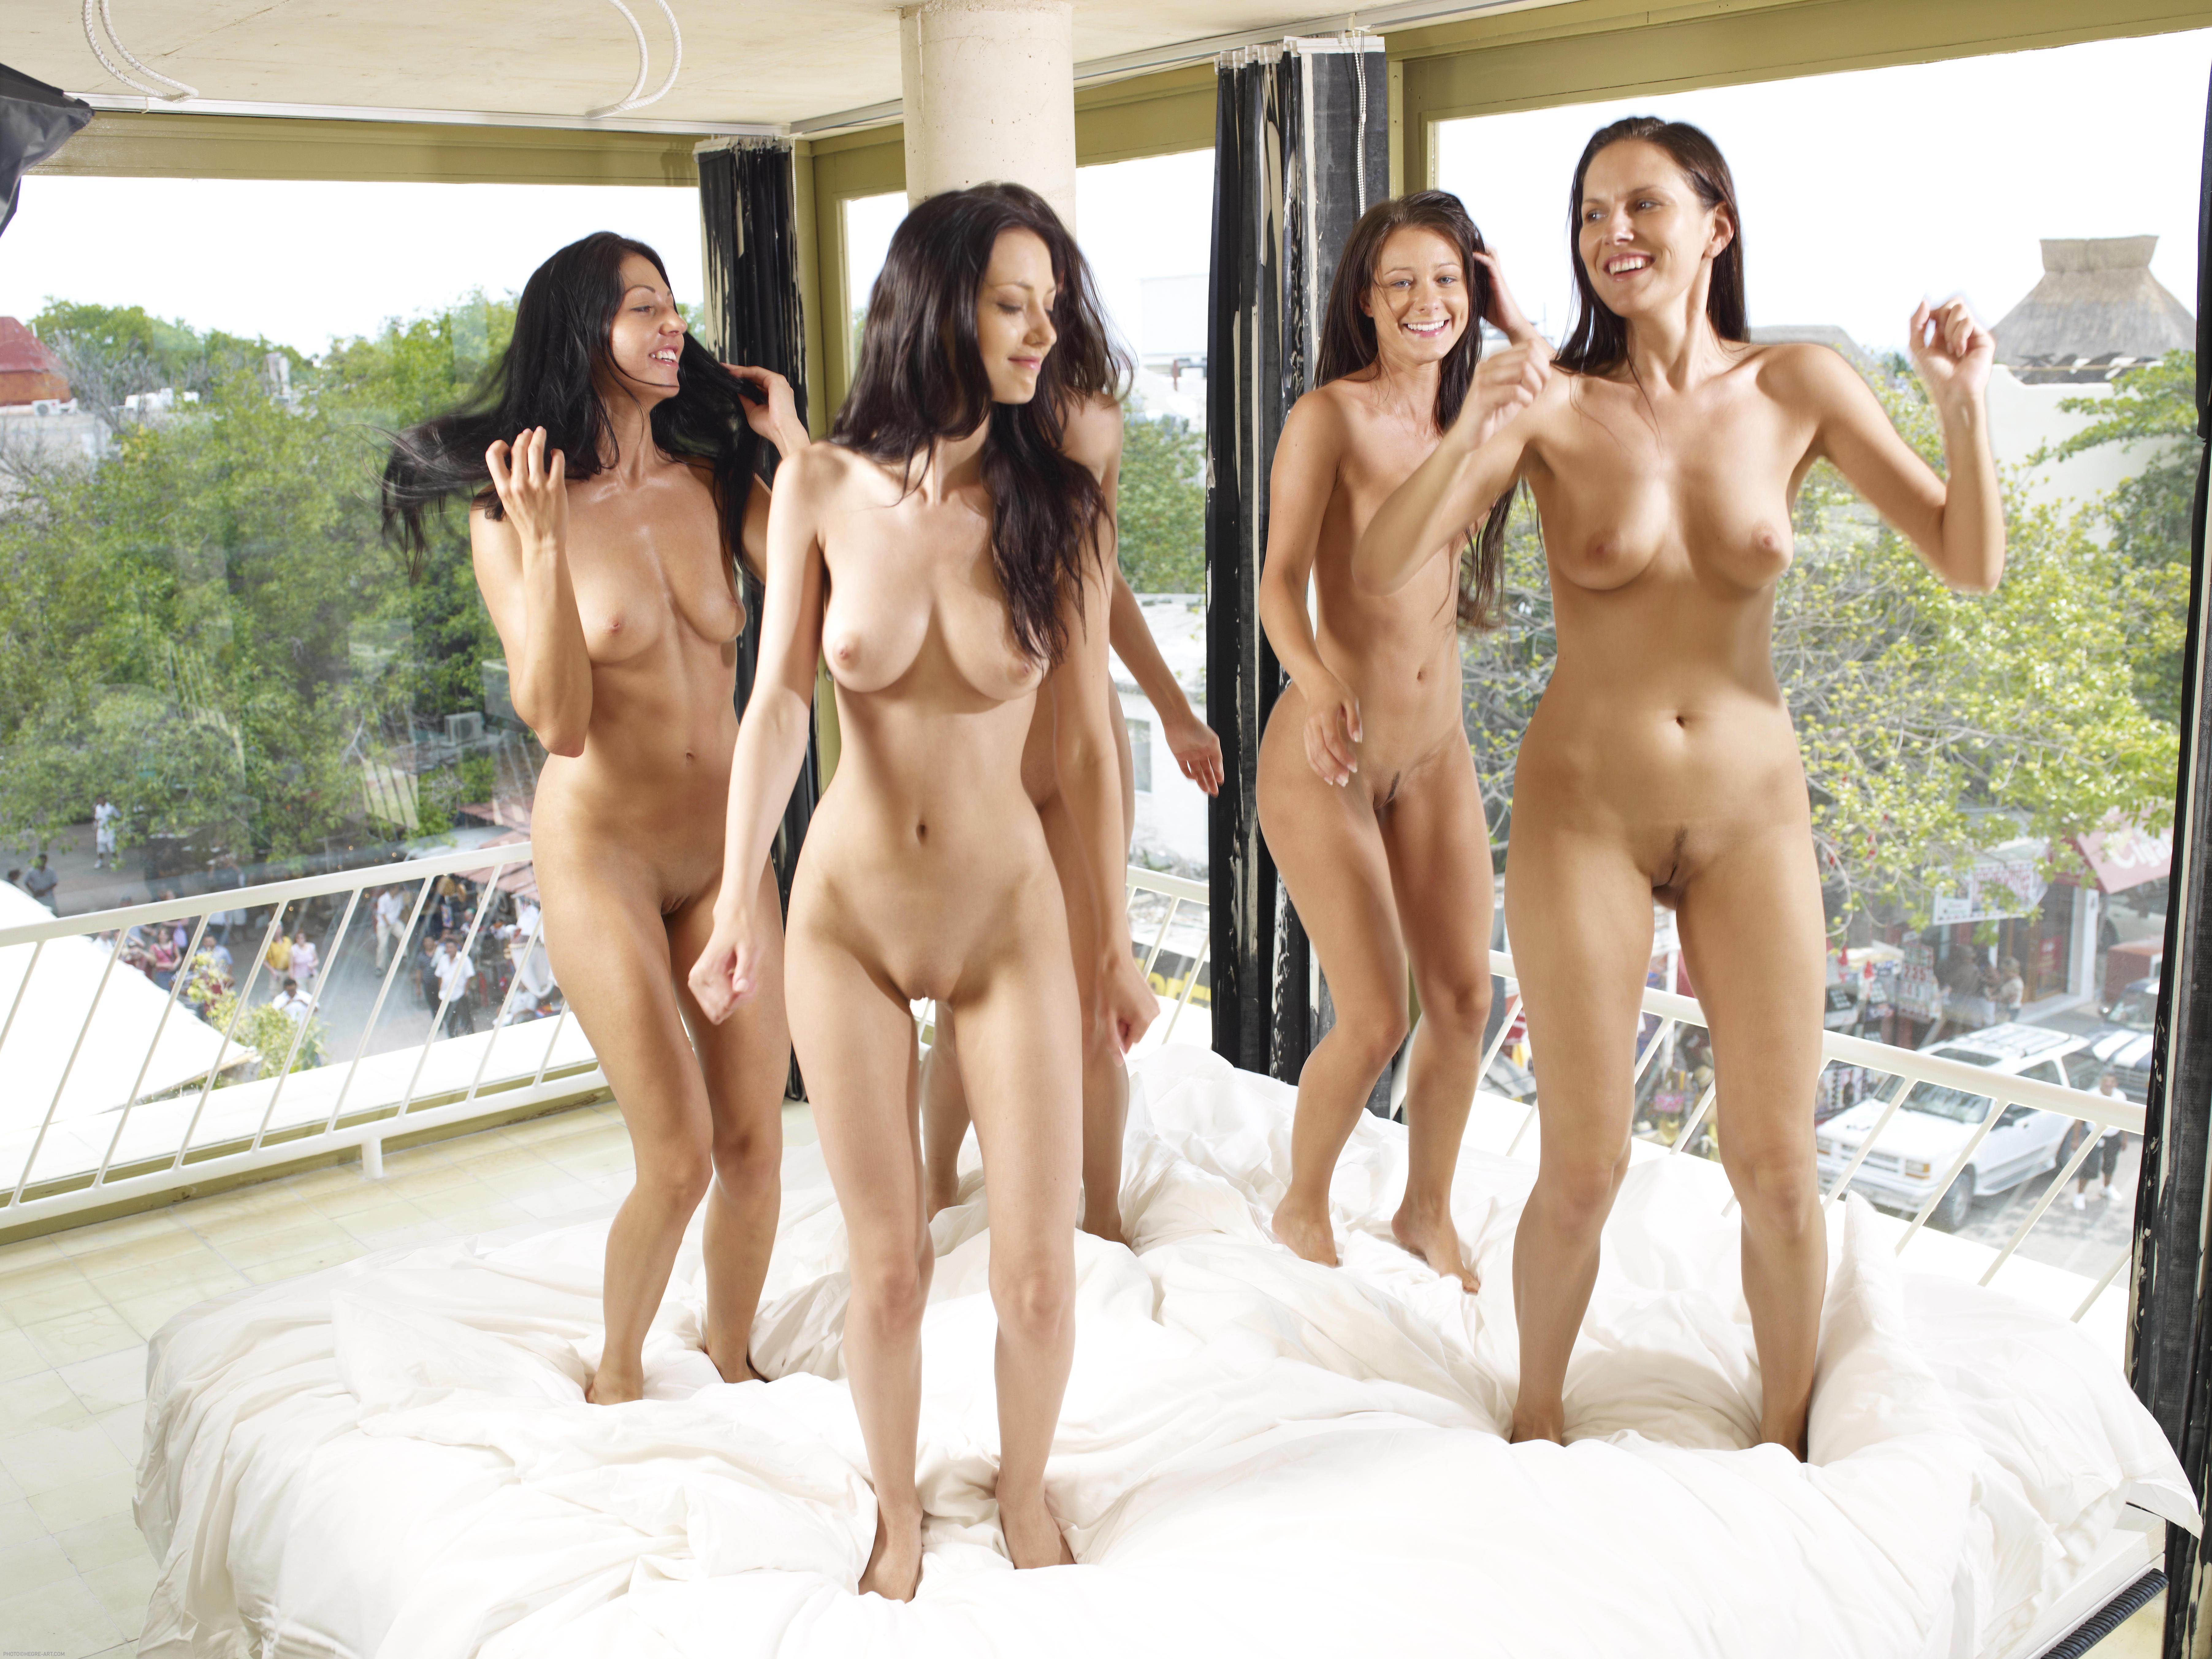 Фотогалерея девушек голышом